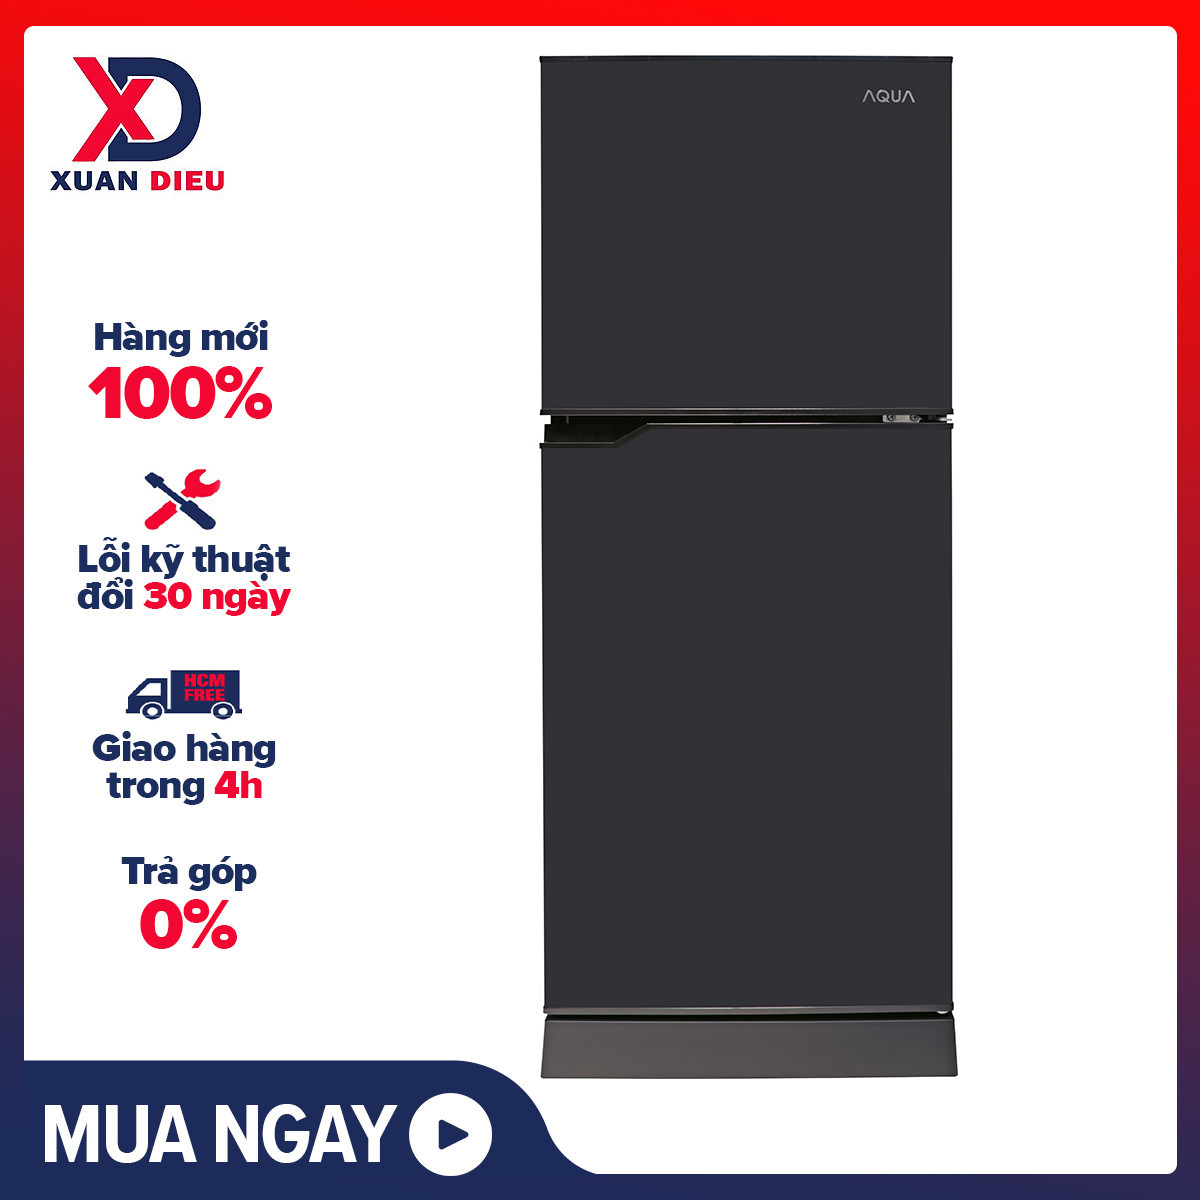 [Trả góp 0%]Tủ lạnh Aqua 130 lít AQR-T150FA(BS) – Công nghệ Nano Fresh Ag+ diệt khuẩn khử mùi tối ưu Khay kính chịu lực chịu được số lượng lớn thực phẩm Đèn LED ít toả nhiệt bền và tiết kiệm điện năng